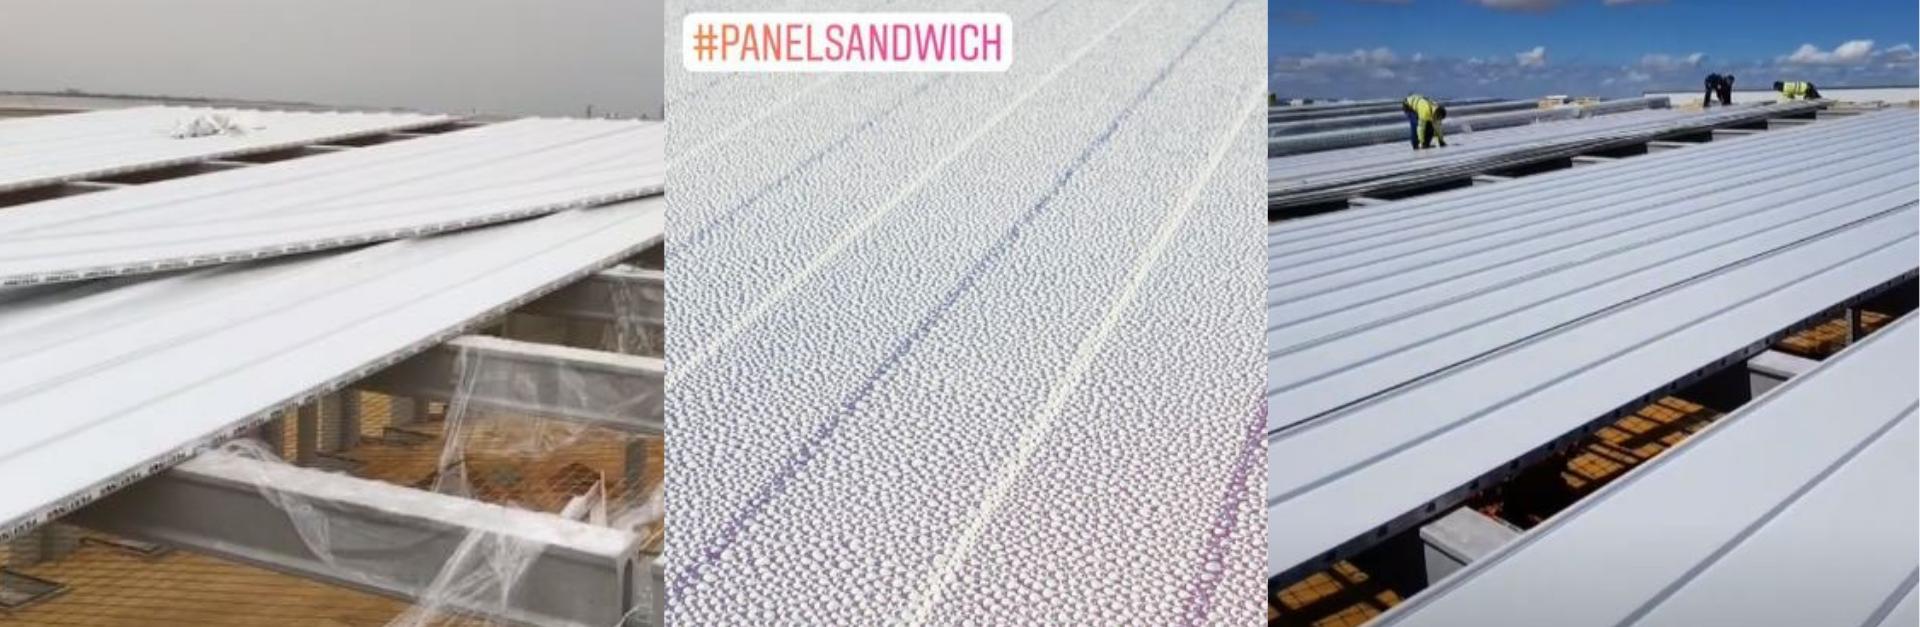 panel sandwich del trabajo para el grupo arnedo